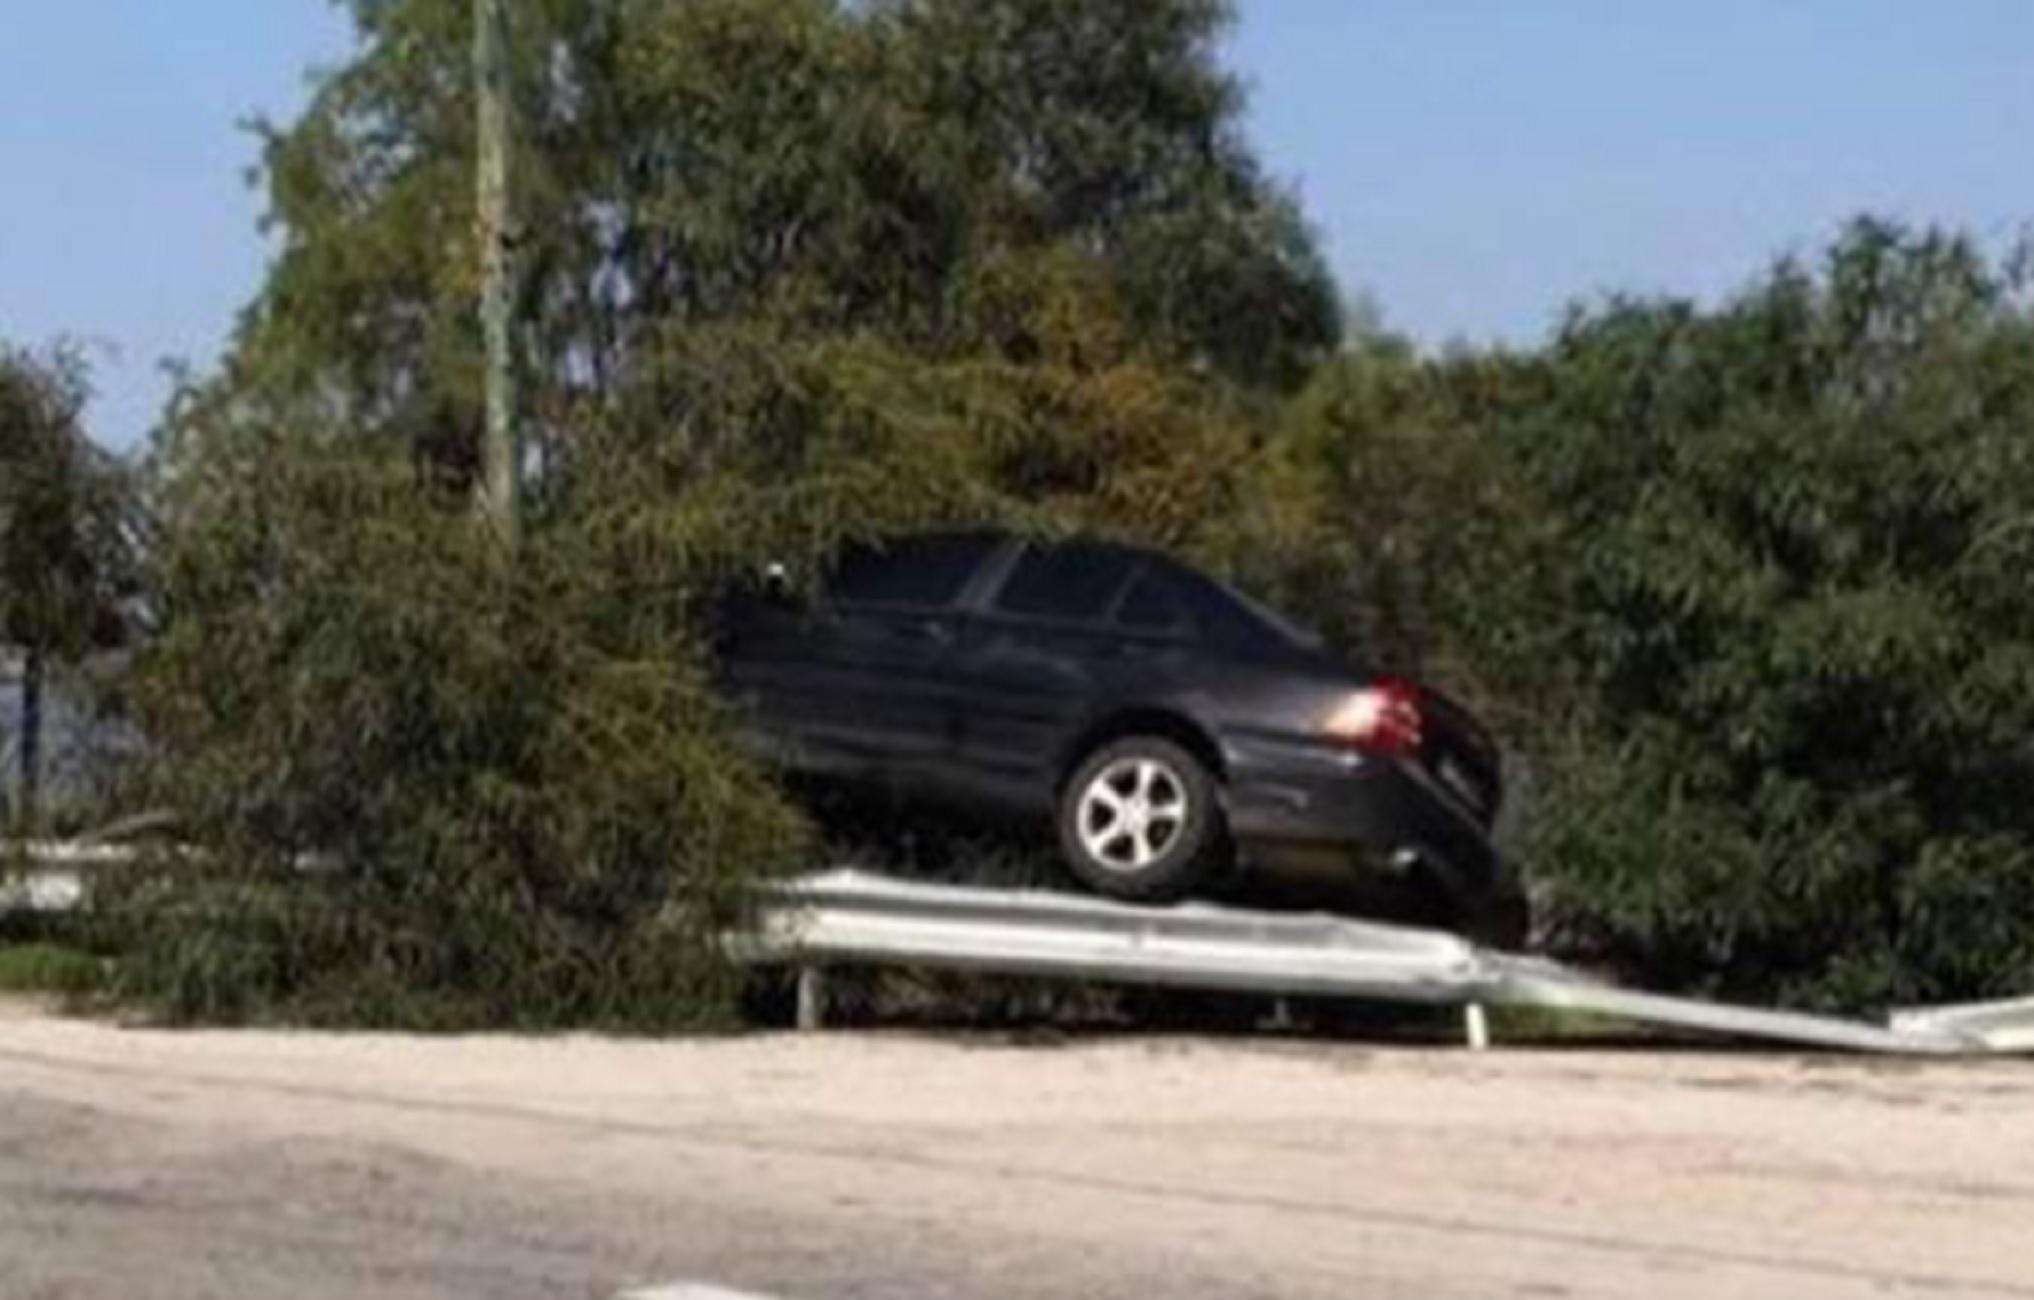 Κρήτη: Δείτε τι σημαίνει το κλισέ «τυχερός μέσα στην ατυχία του» – Ο οδηγός που είχε Άγιο στον ΒΟΑΚ (pics)